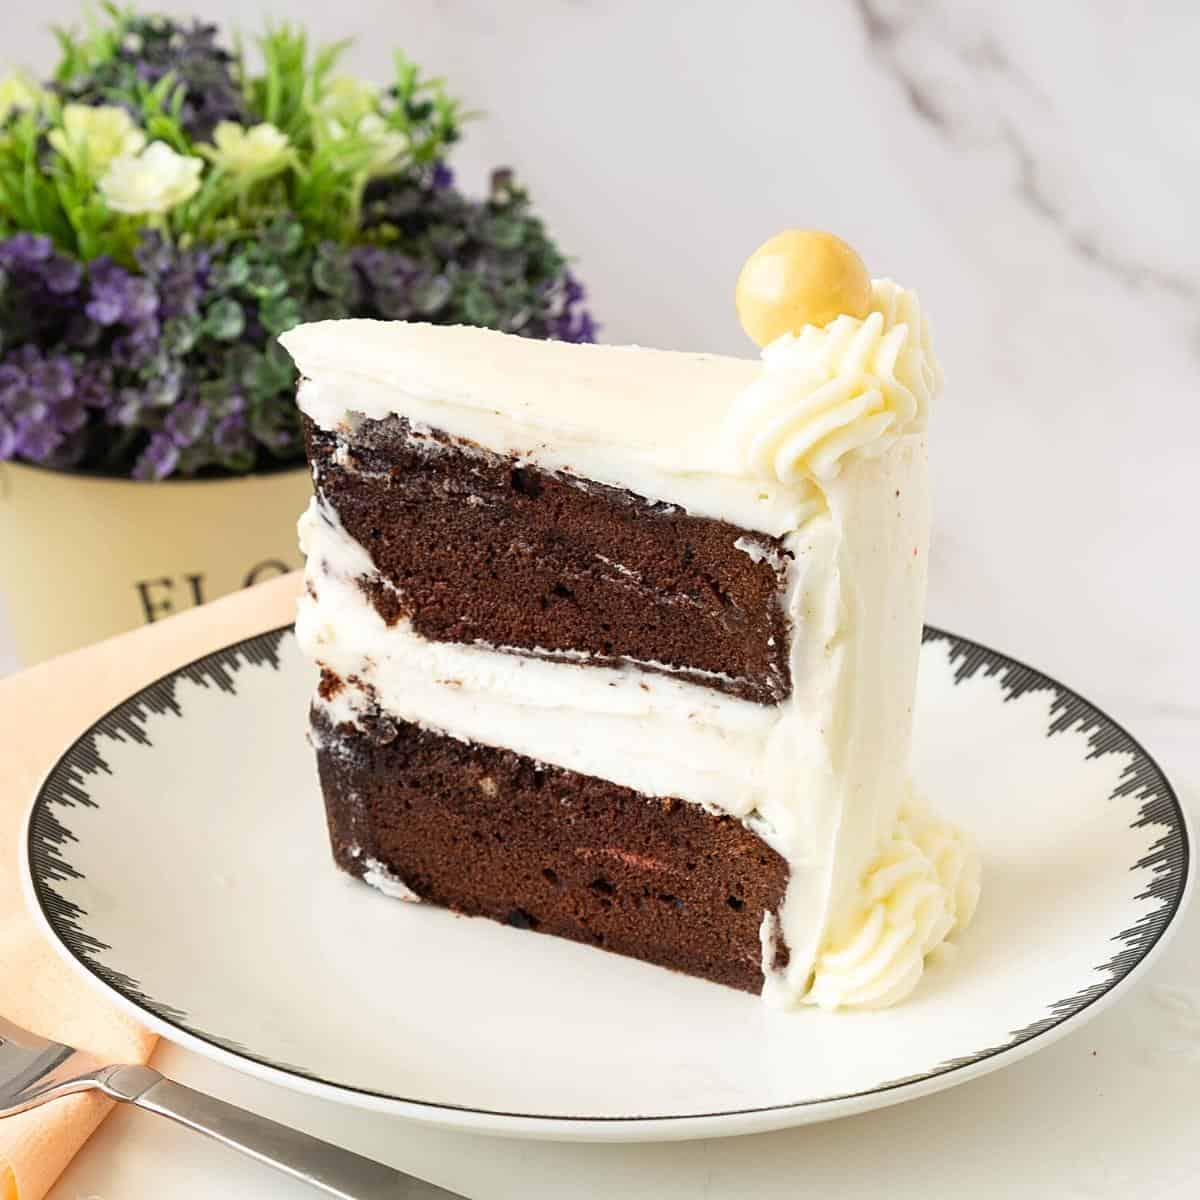 Chocolate sponge cake on a plate.